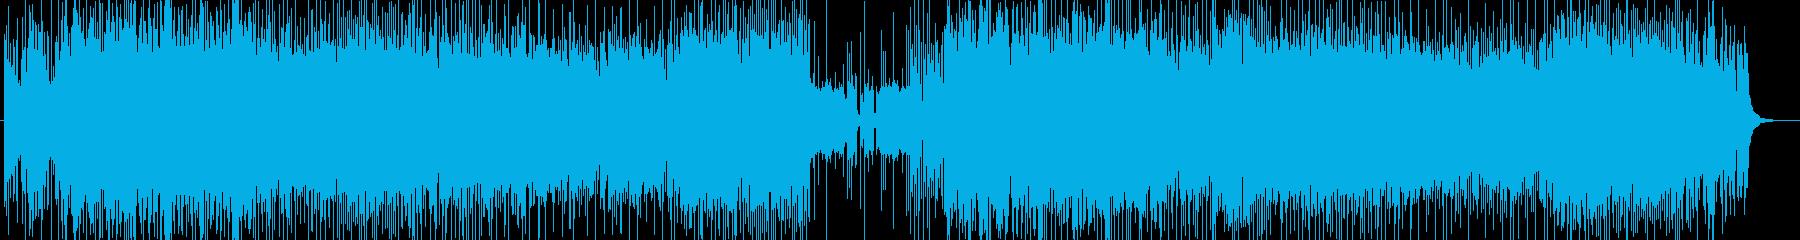 「HR/HM」「DEATH」BGM175の再生済みの波形